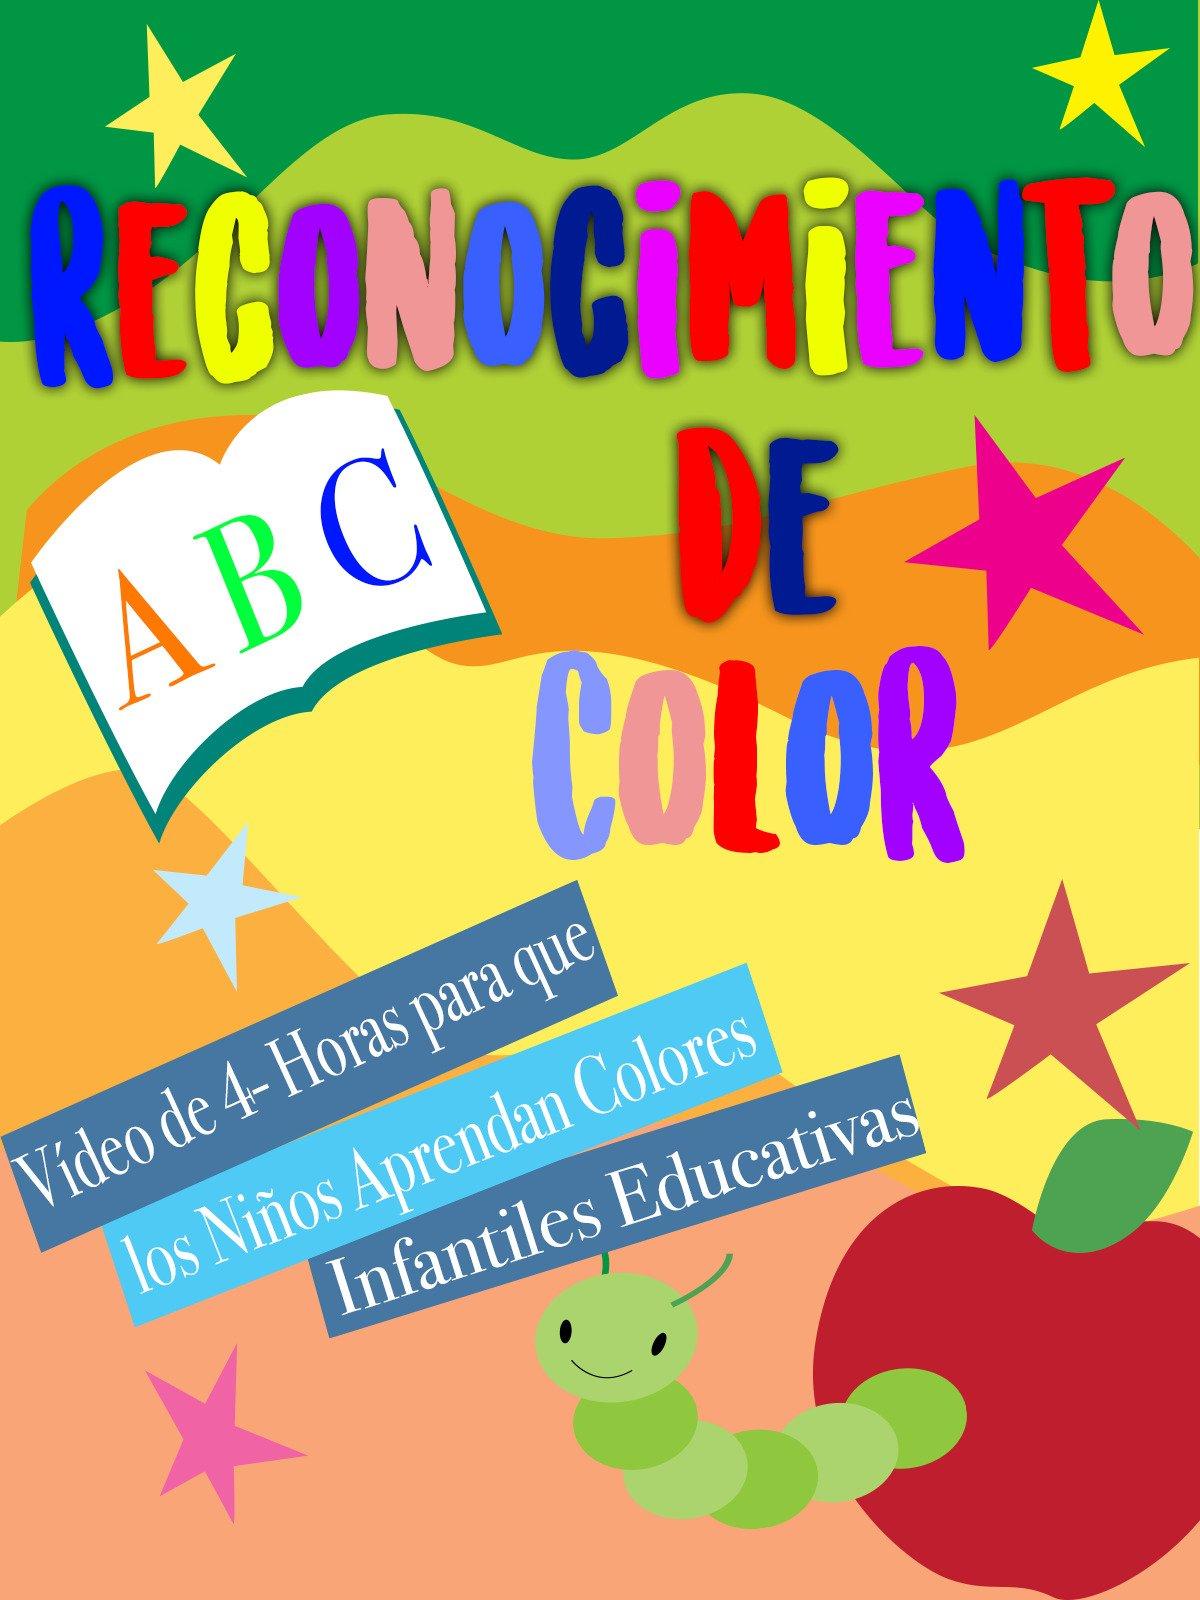 Reconocimiento De Color Video de 4- Horas para que los Niños Aprendan Colores Infantiles Educativas